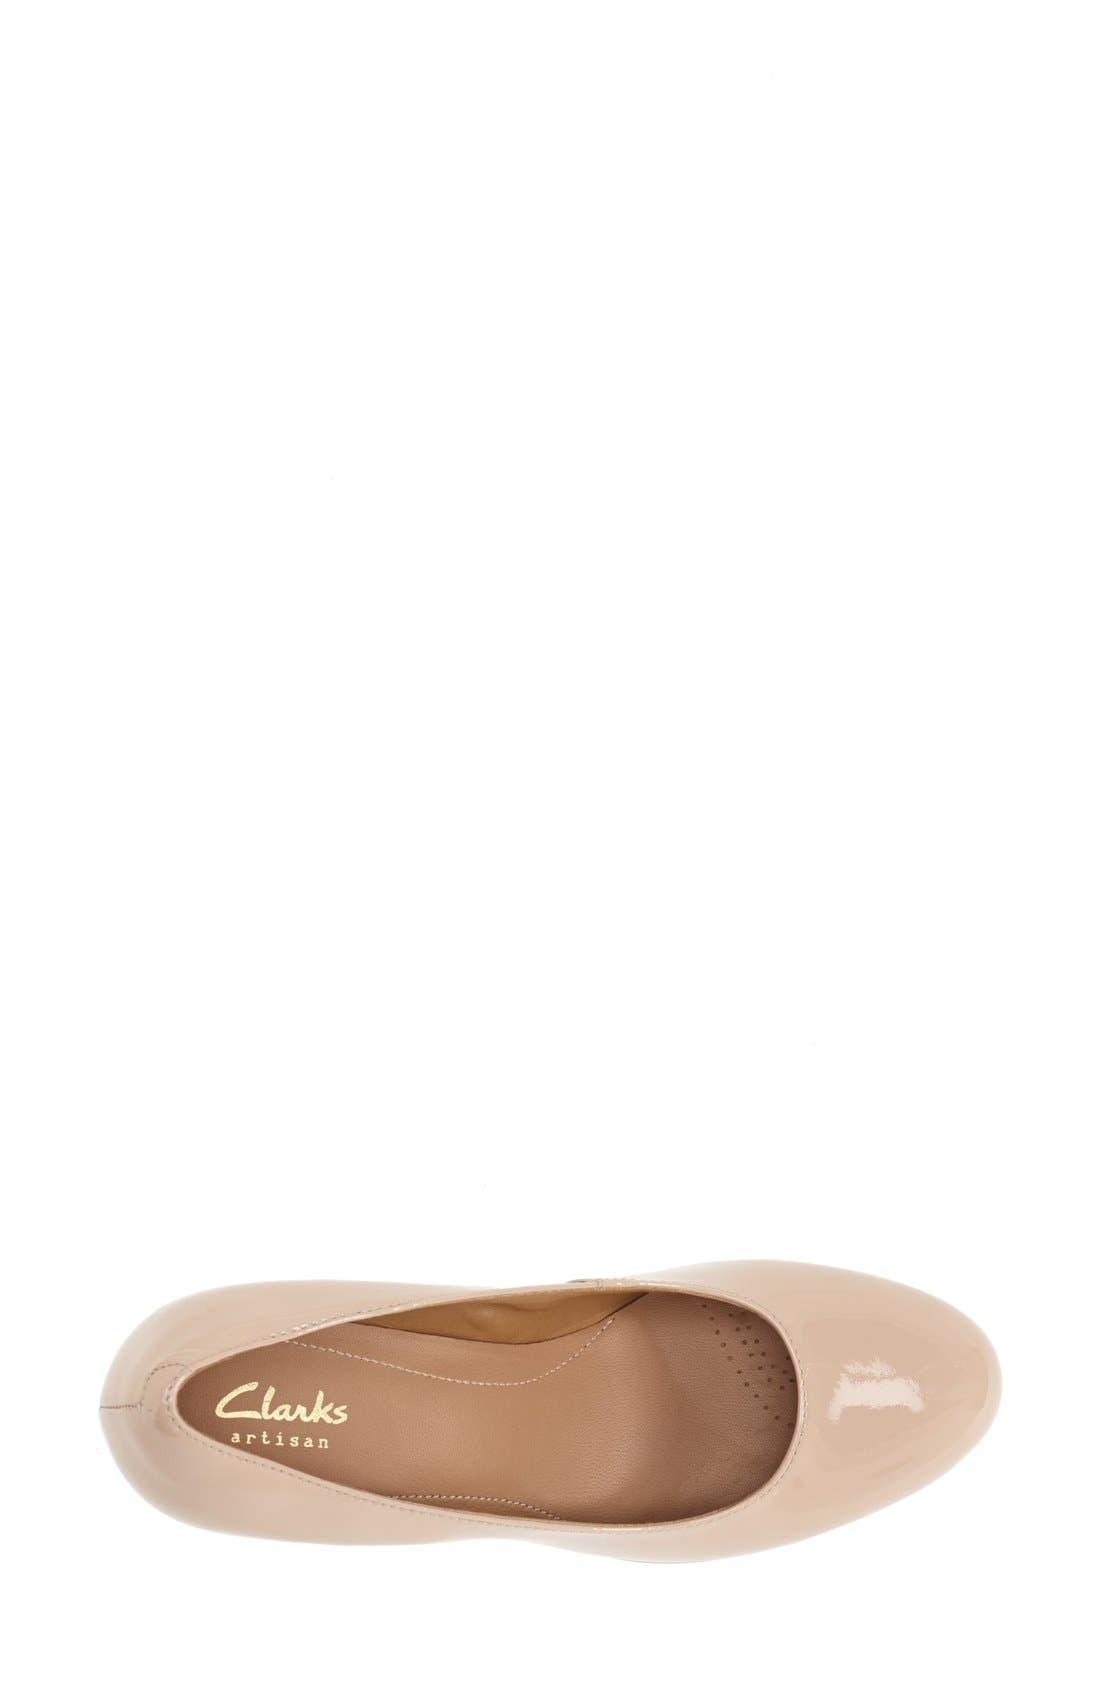 'Delsie Bliss' Platform Pump,                             Alternate thumbnail 3, color,                             Nude Patent Leather